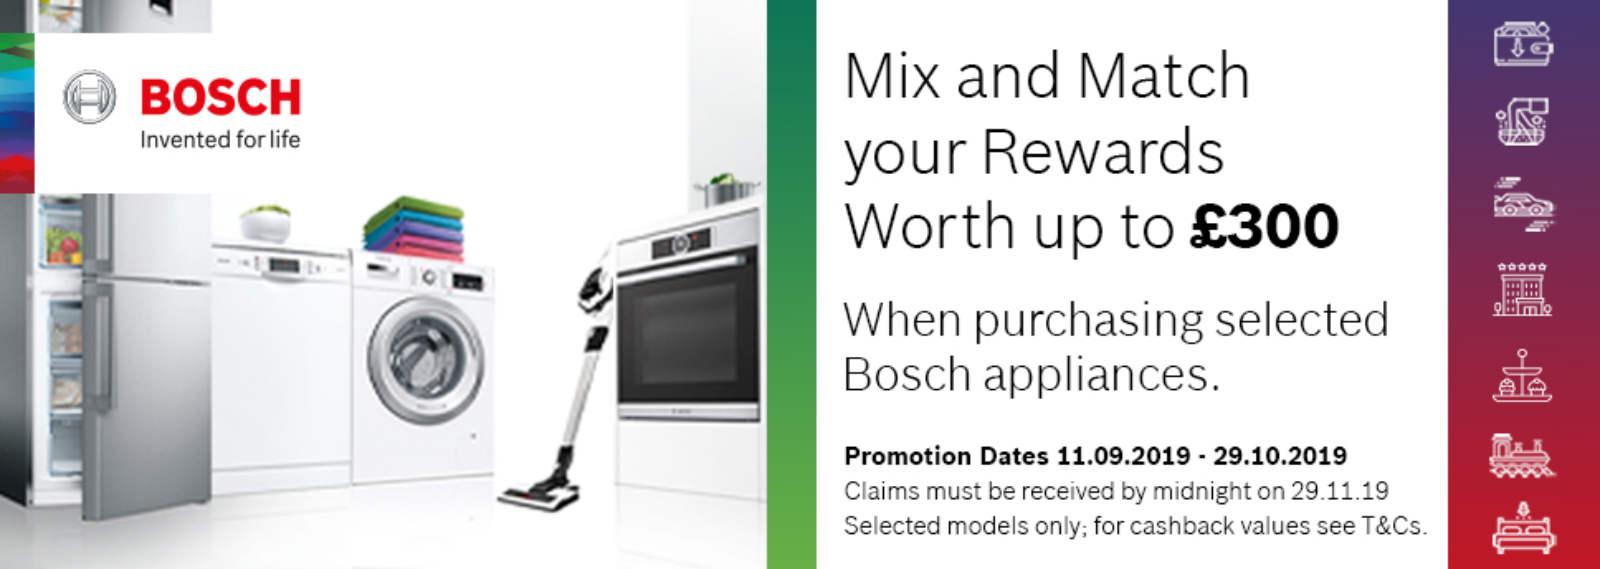 BOSCH Mix&Match offer